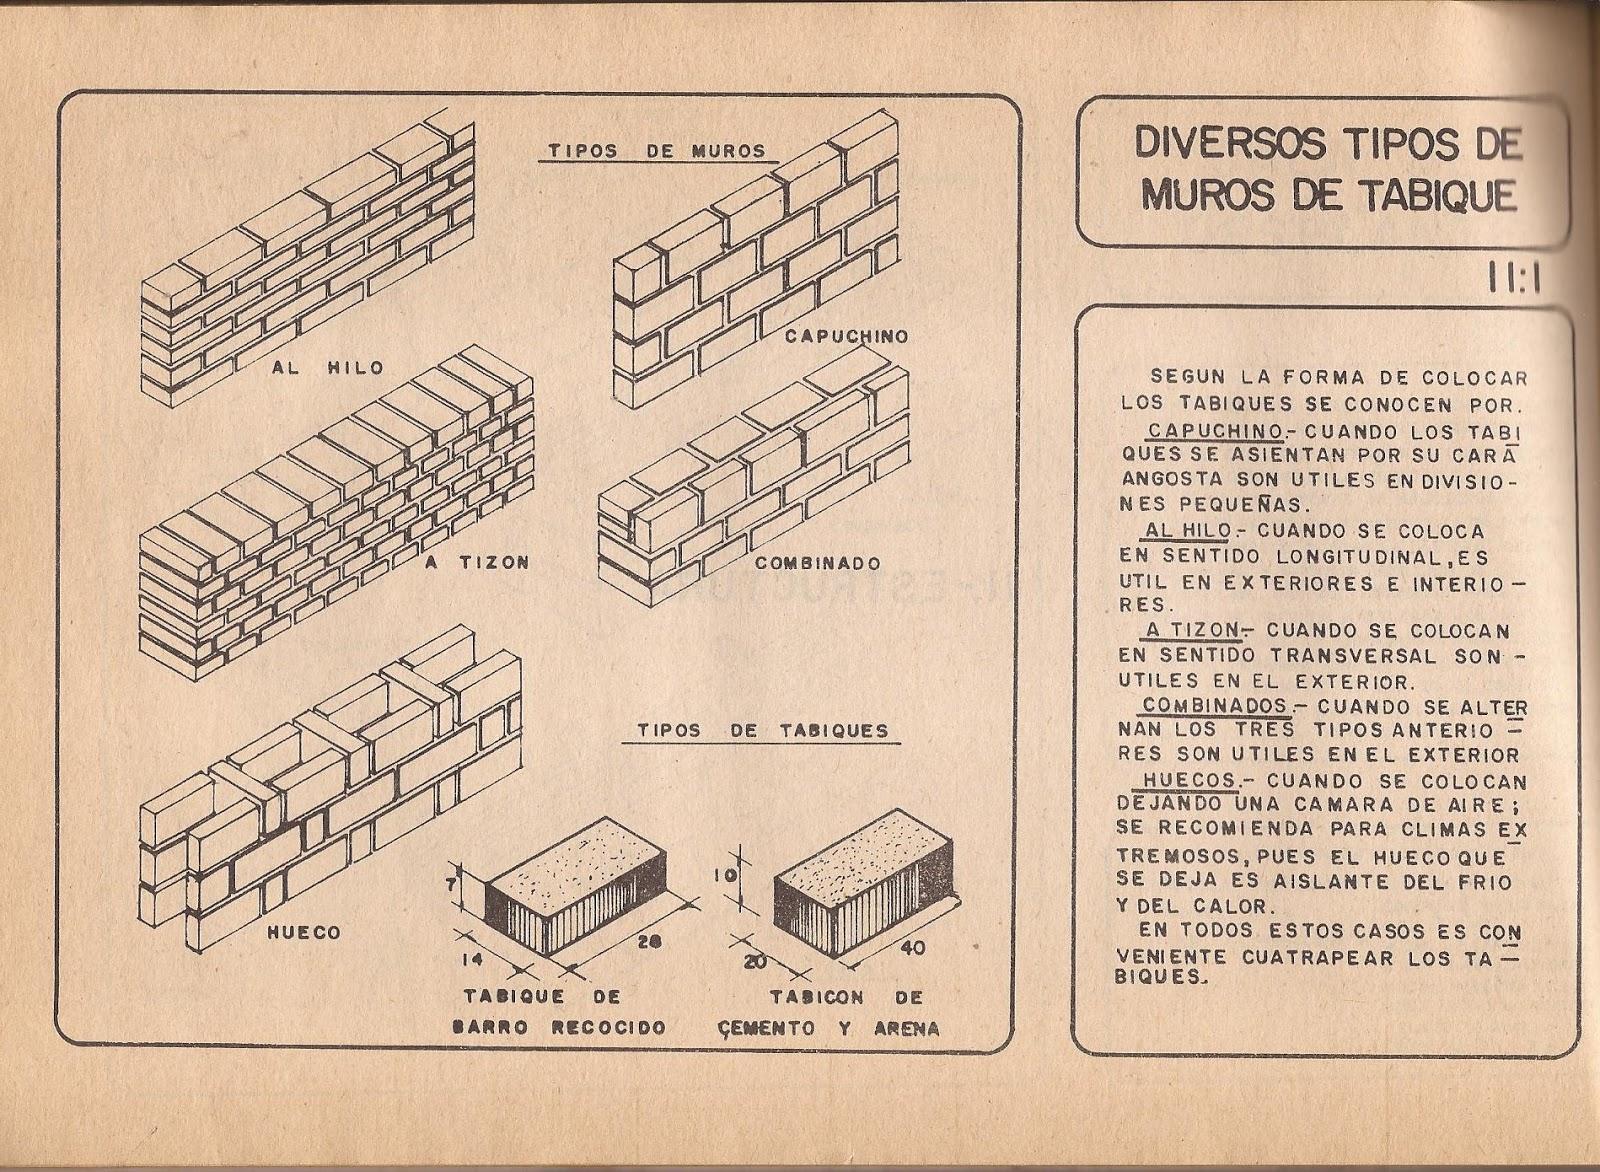 Elementos estructurales de una casa diversos tipos de muros de tabique - Tipos de muros ...